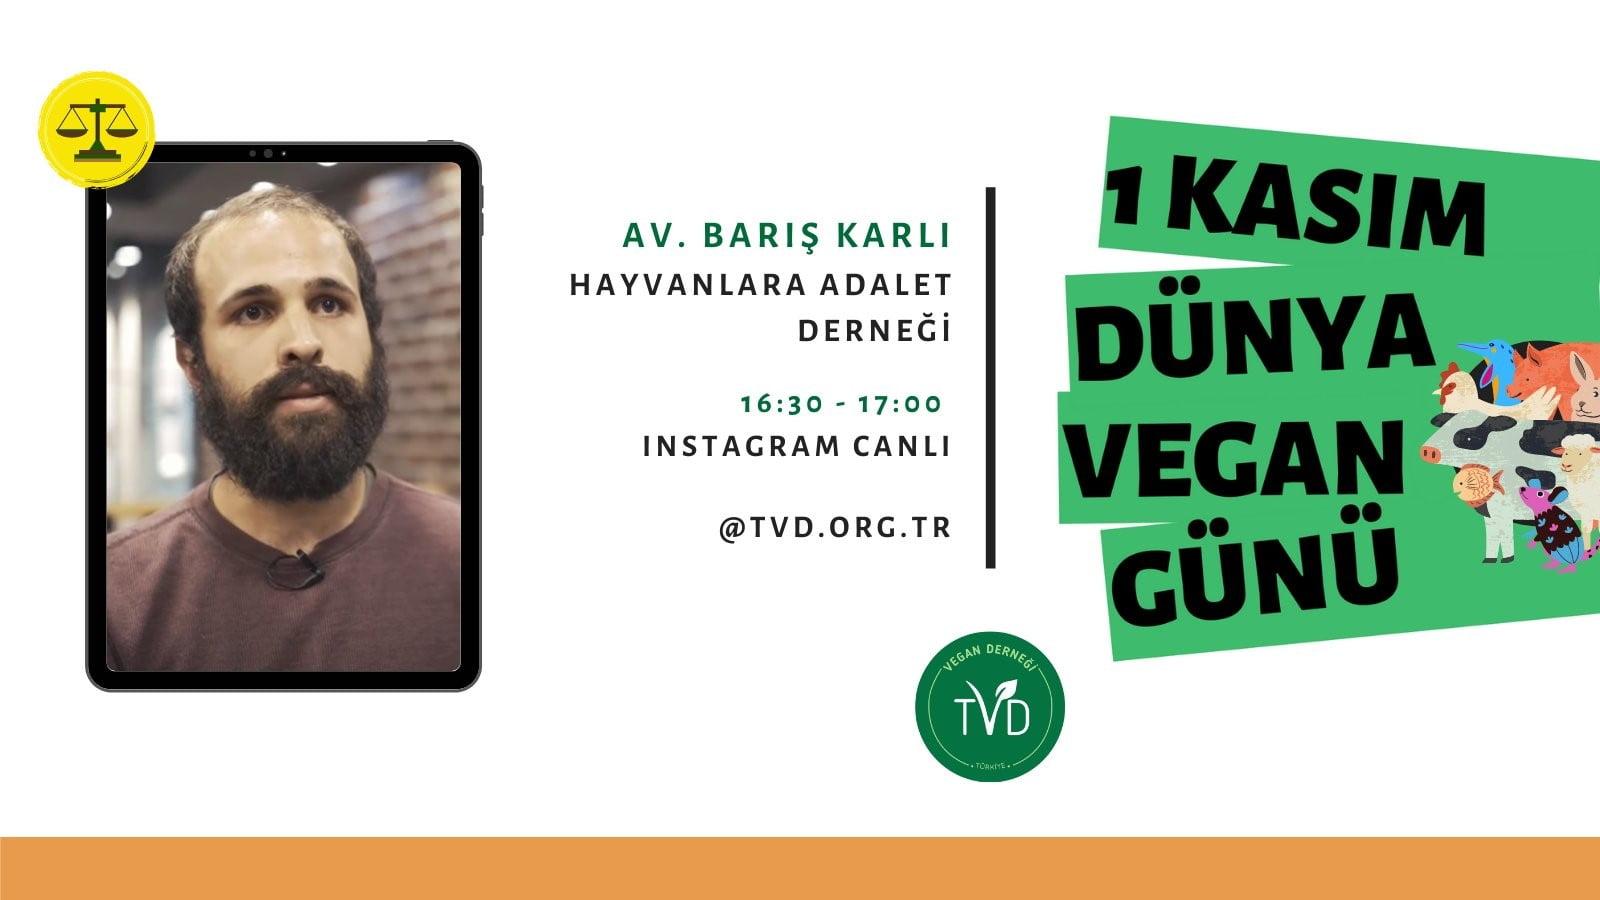 Dünya Vegan Günü Online Etkinlikle Kutlanacak-2-